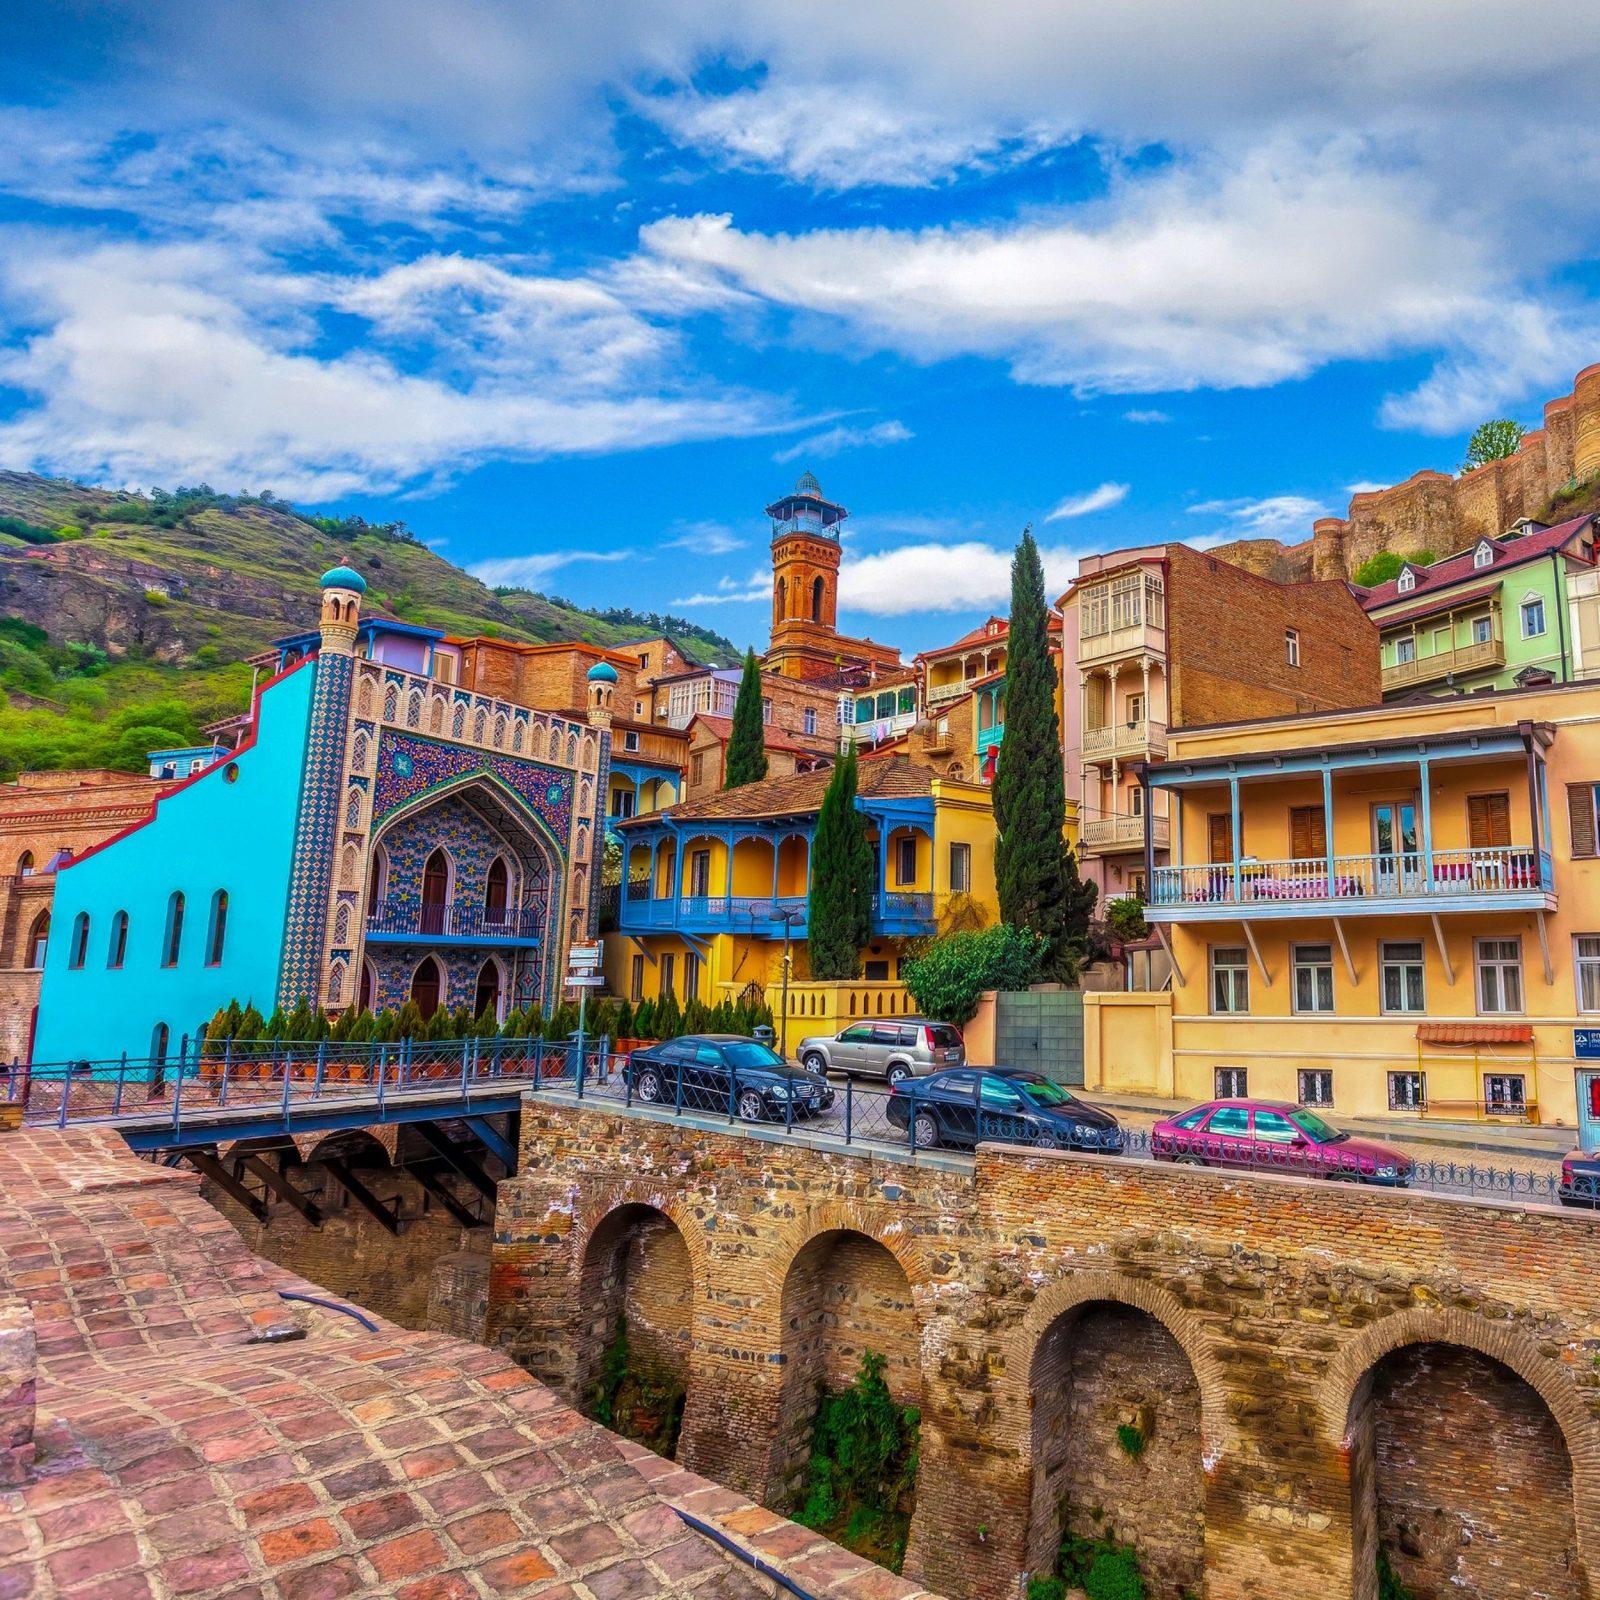 День 2: Экскурсия по Мцхете и Тбилиси